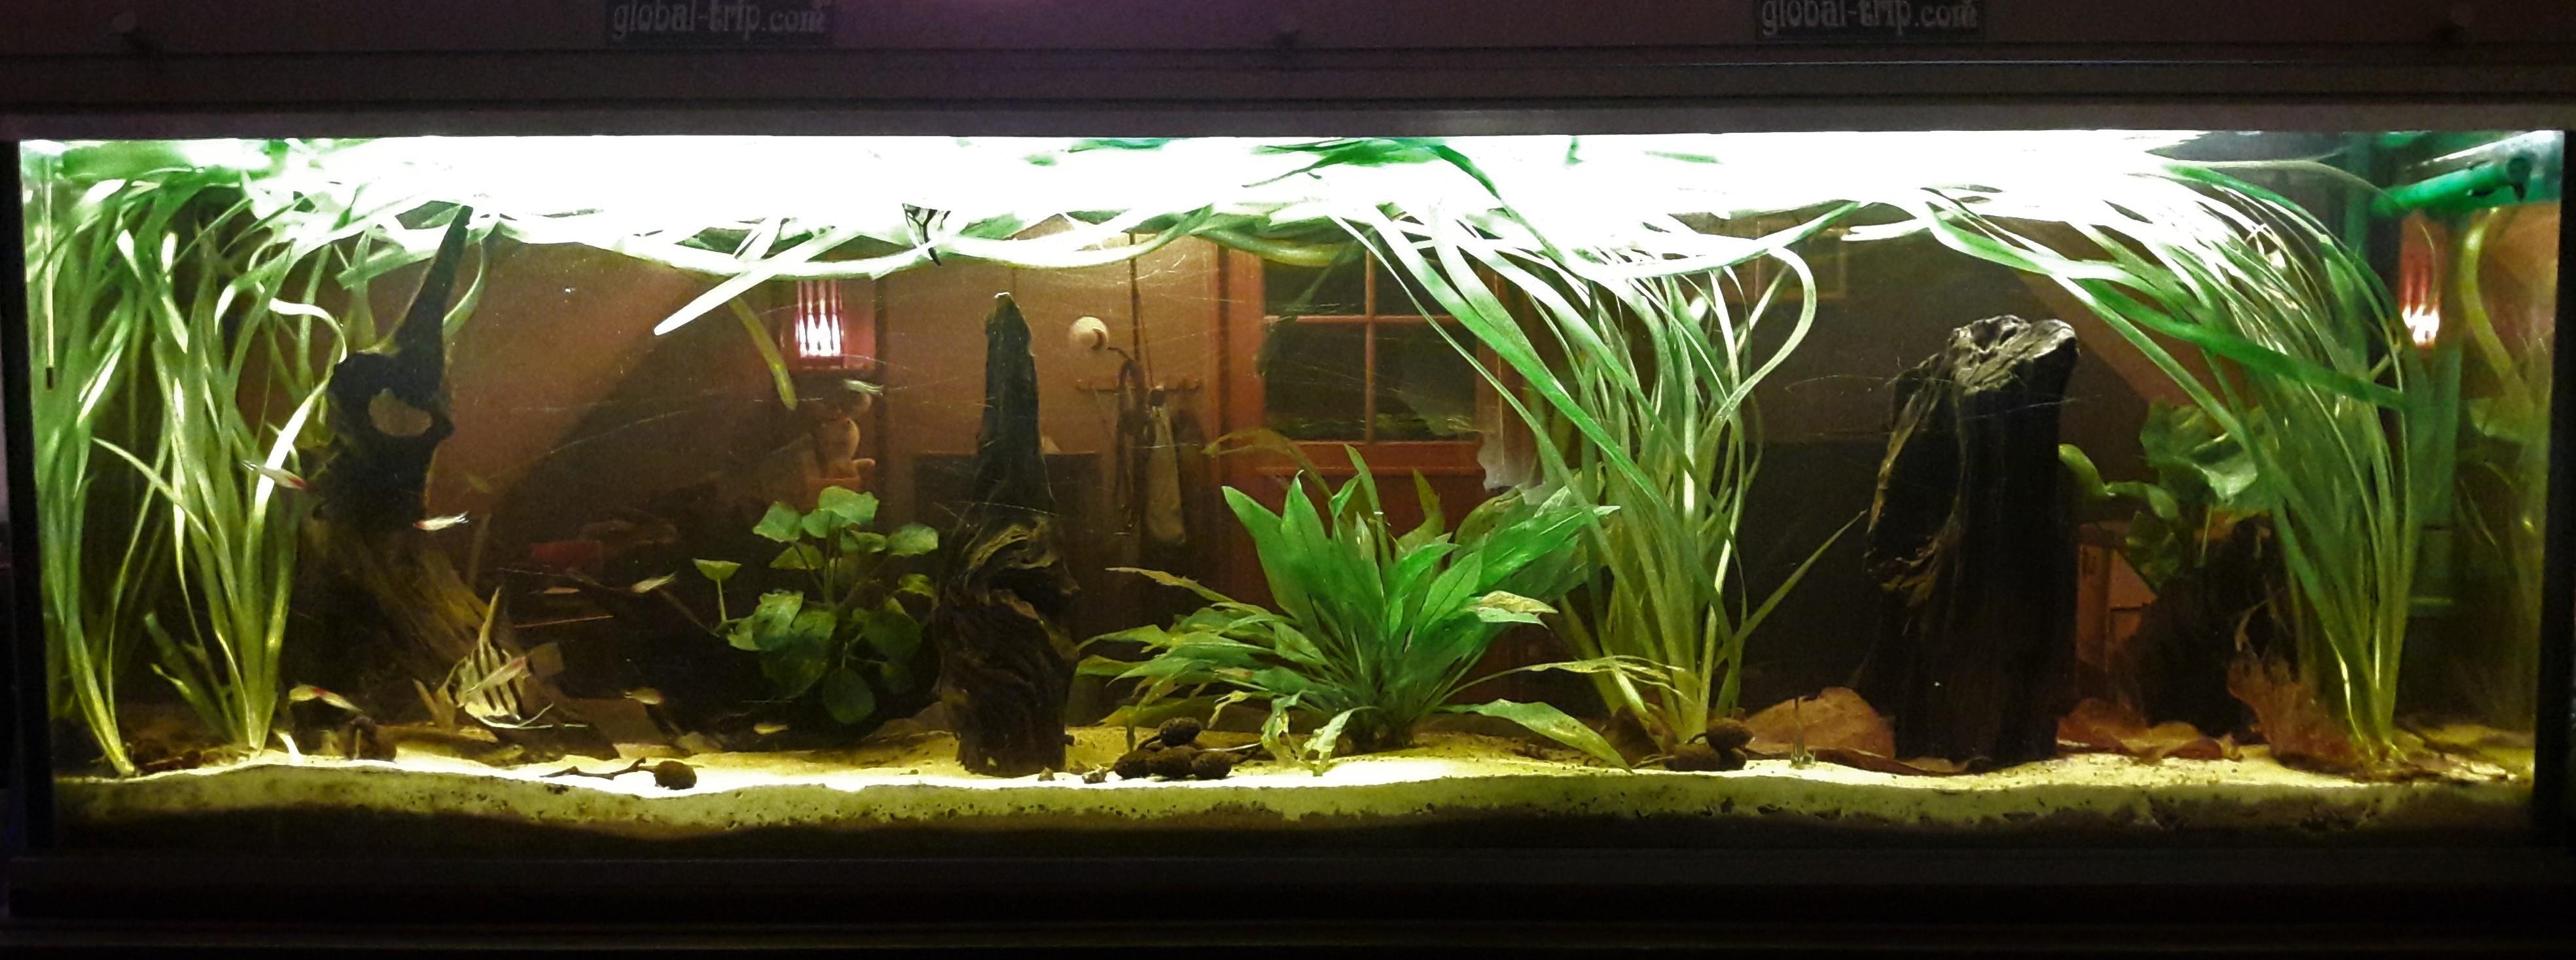 Store locator Fishipedia